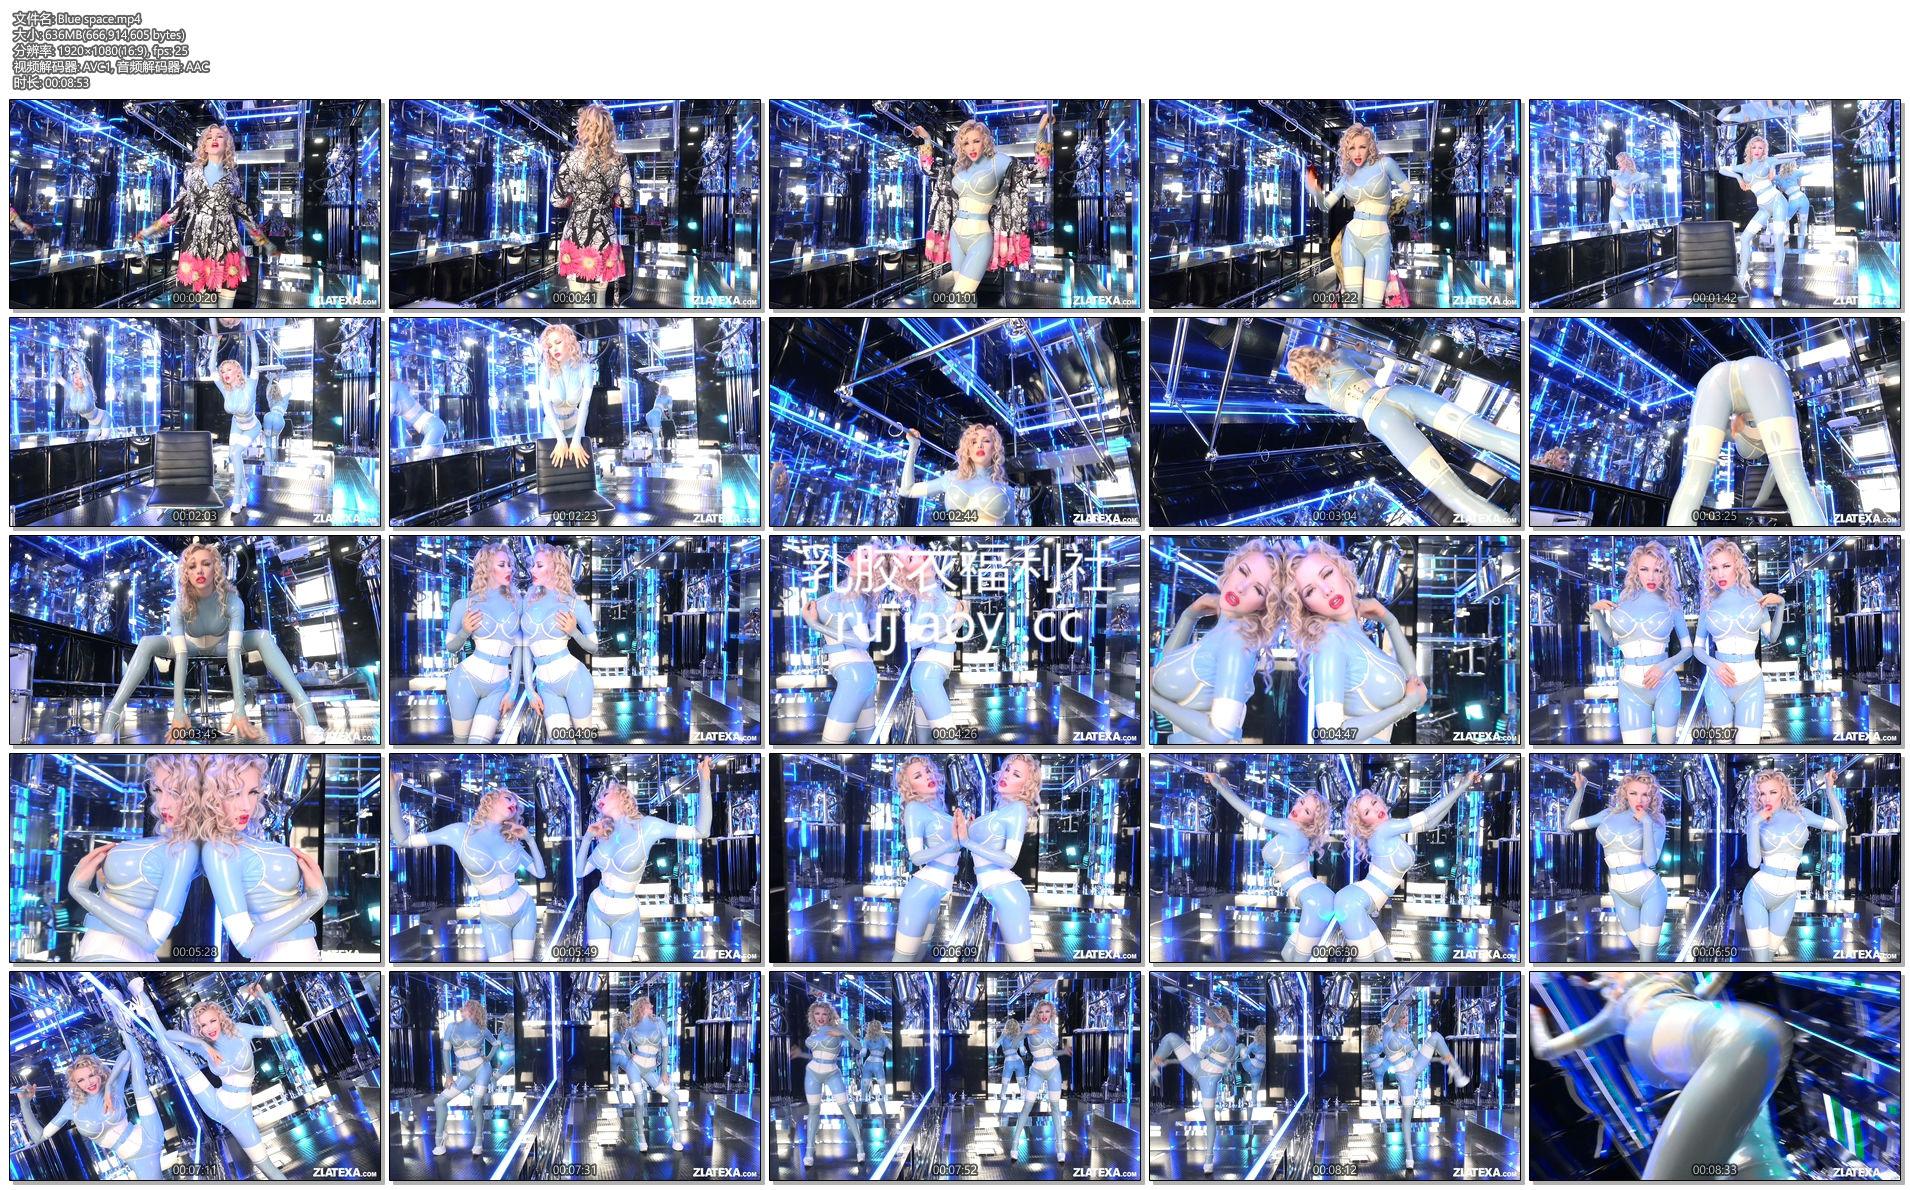 [永V专享-独家精品乳胶衣视频] 高清极致乳胶衣女郎诱惑自摸写真-1080p高清视频 [1V/636M]